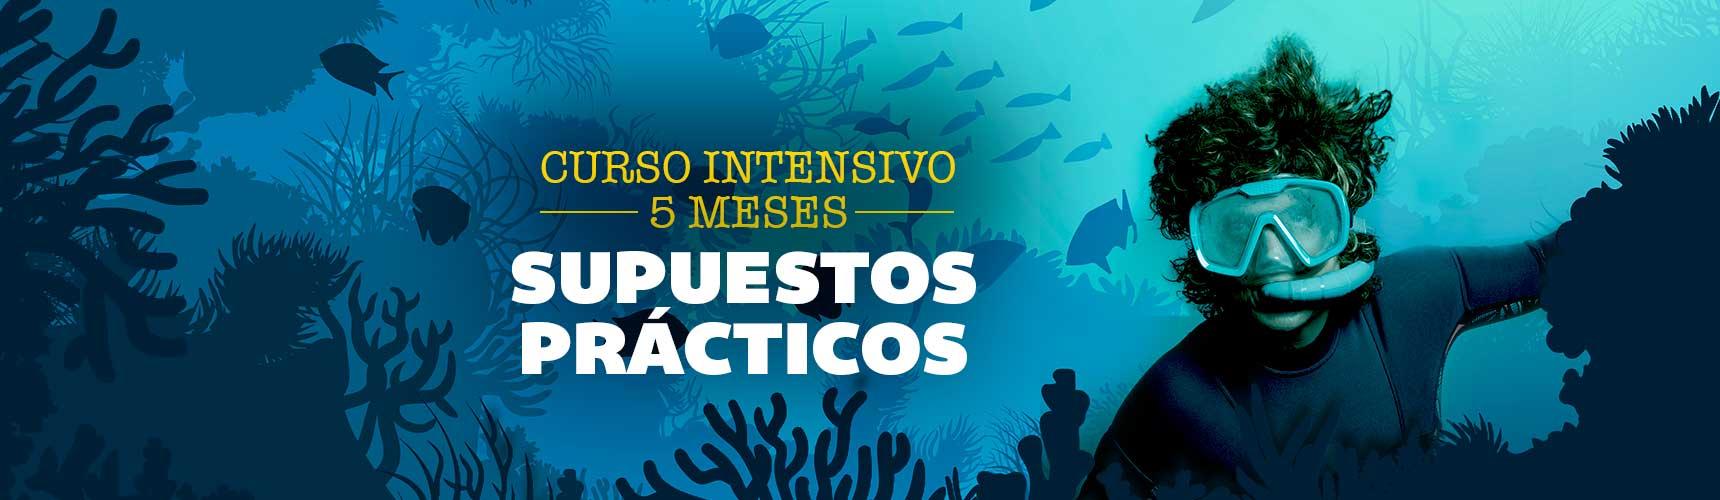 5meses_SUP_Pupitre_cursos_portada-web_nuevas-fotos_1720x910